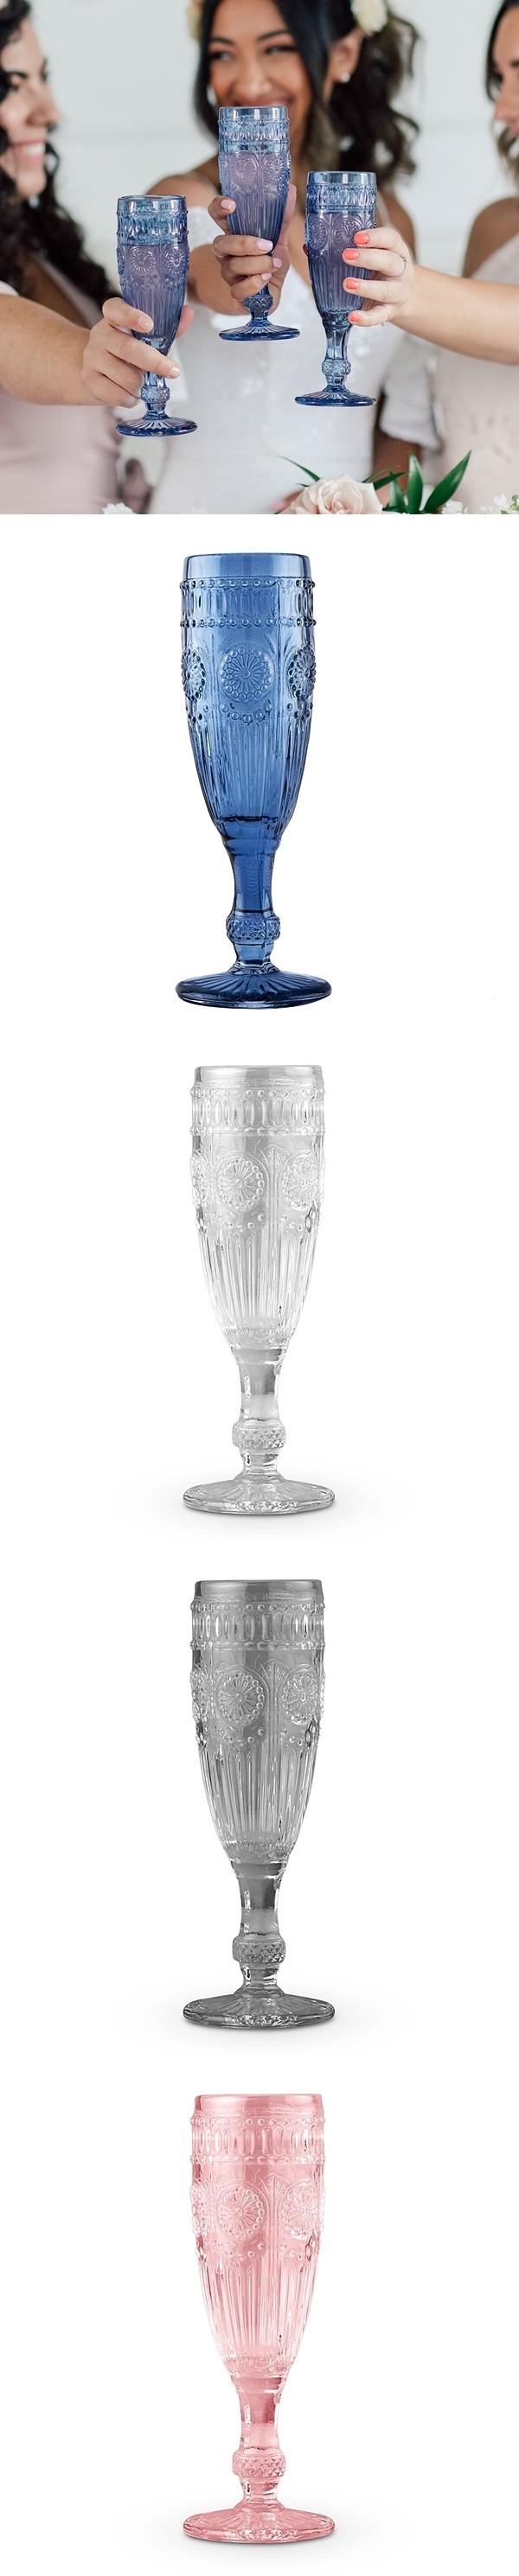 Weddingstar Vintage-Inspired Pressed Glass Flute (3 Colors)